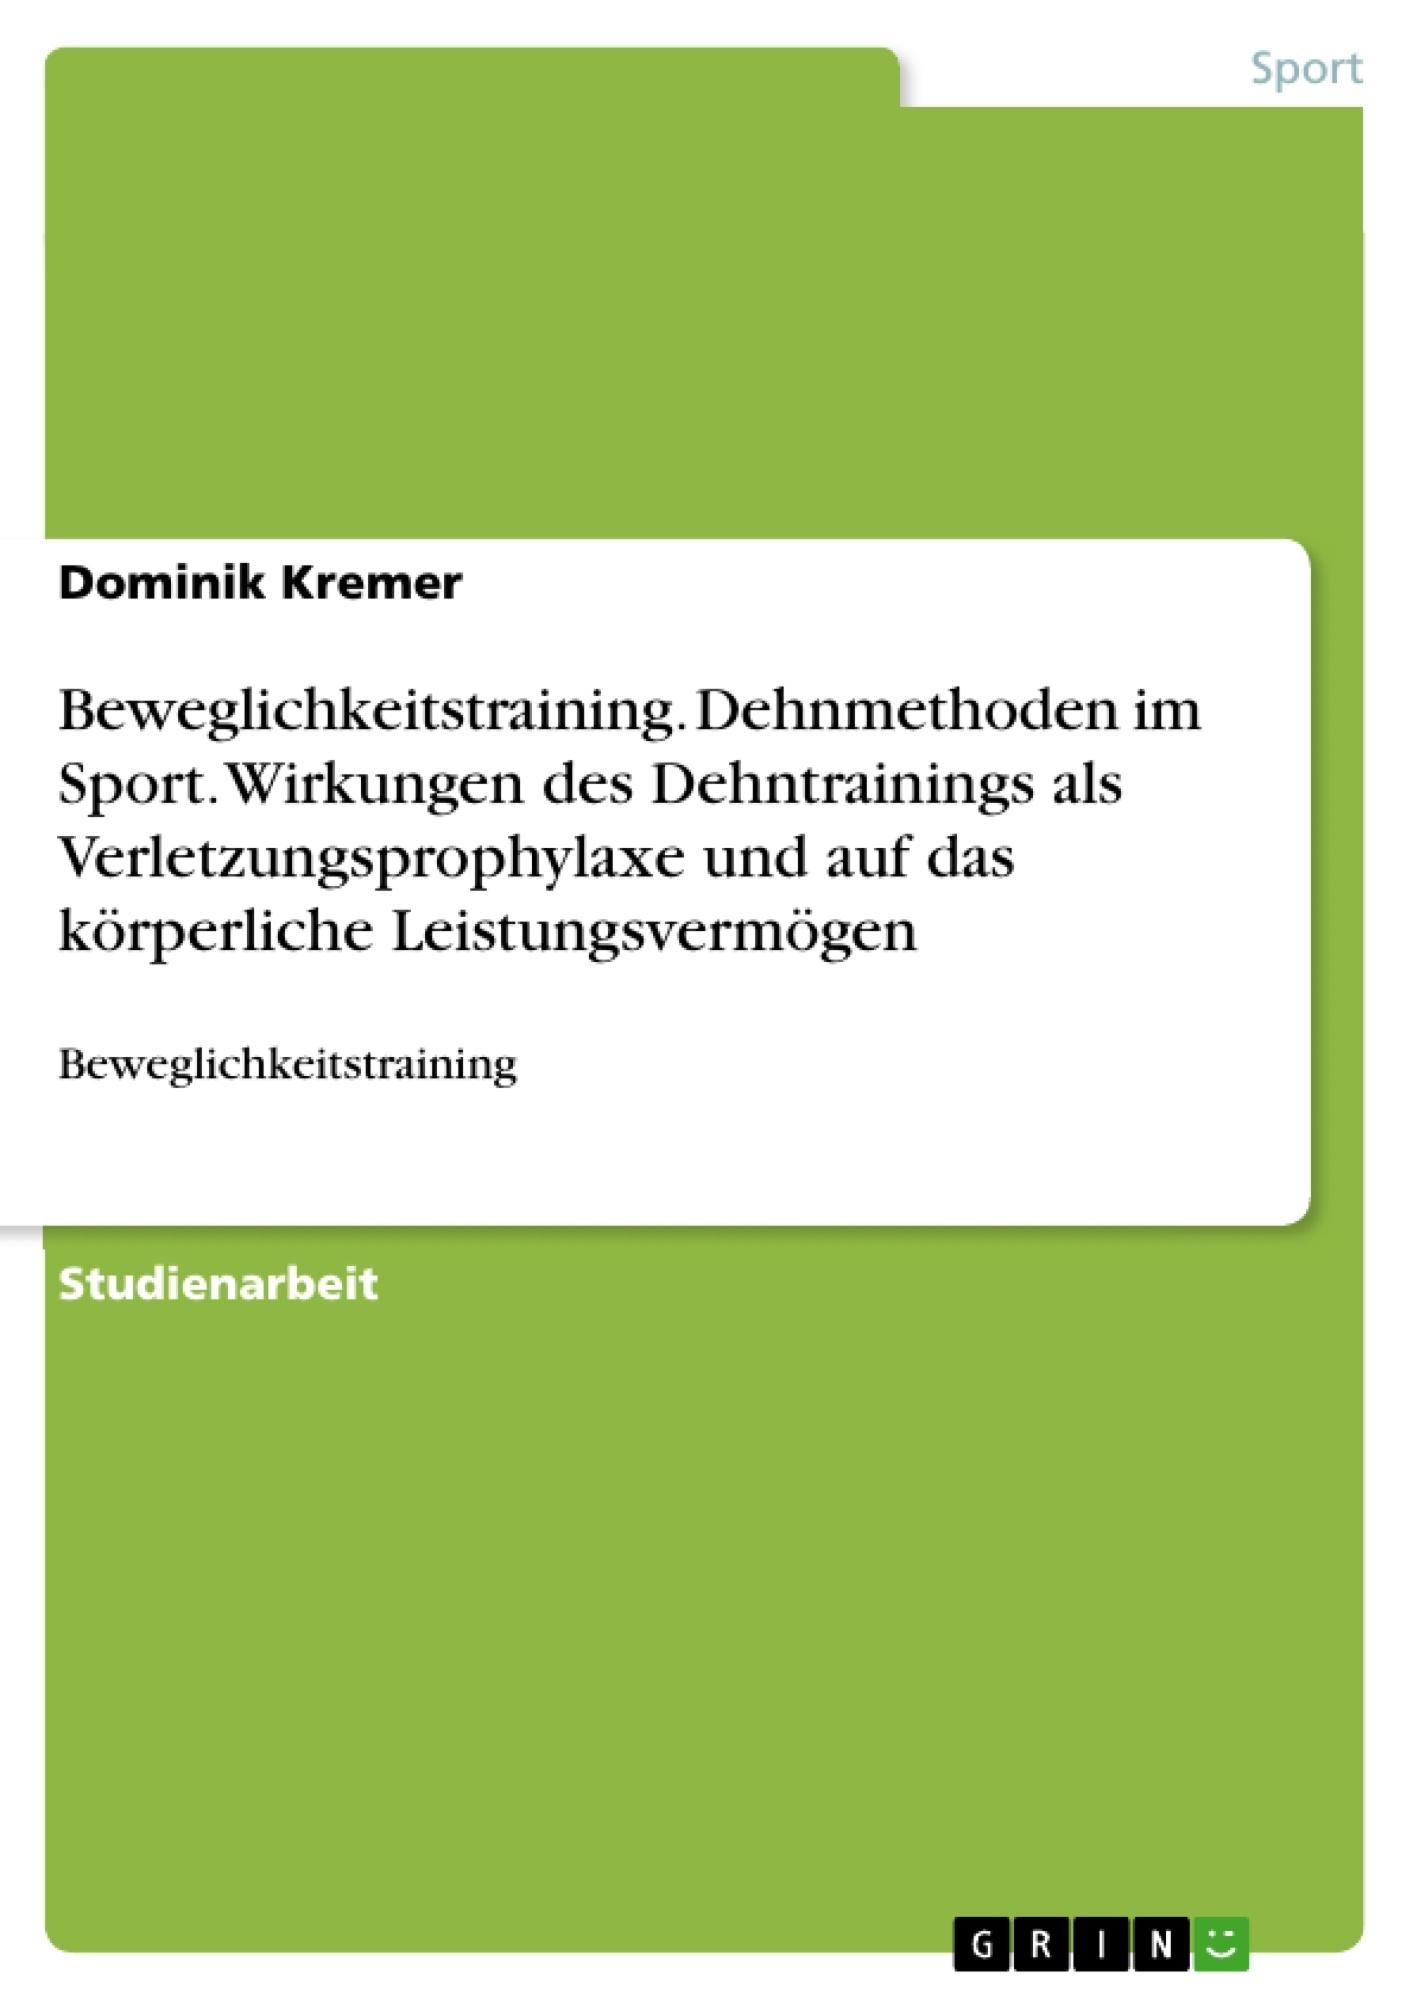 Titel: Beweglichkeitstraining. Dehnmethoden im Sport. Wirkungen des Dehntrainings als Verletzungsprophylaxe und auf das körperliche Leistungsvermögen